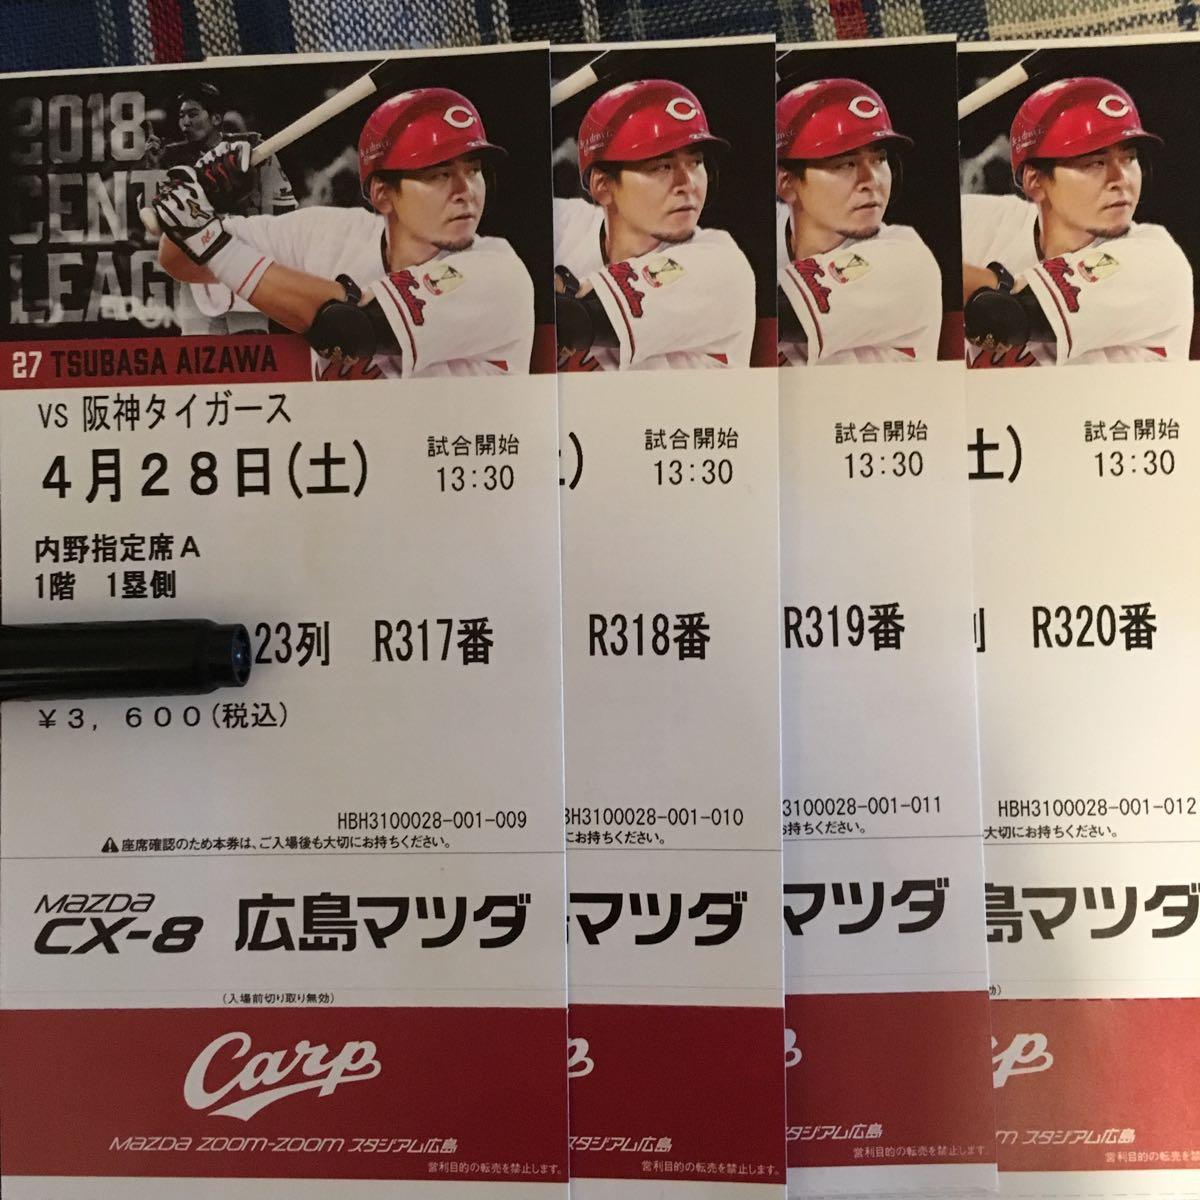 4/28 広島カープVS阪神タイガース 内野指定A一塁側 南21~19 23列 通路側を含む四連番 中止保証90%